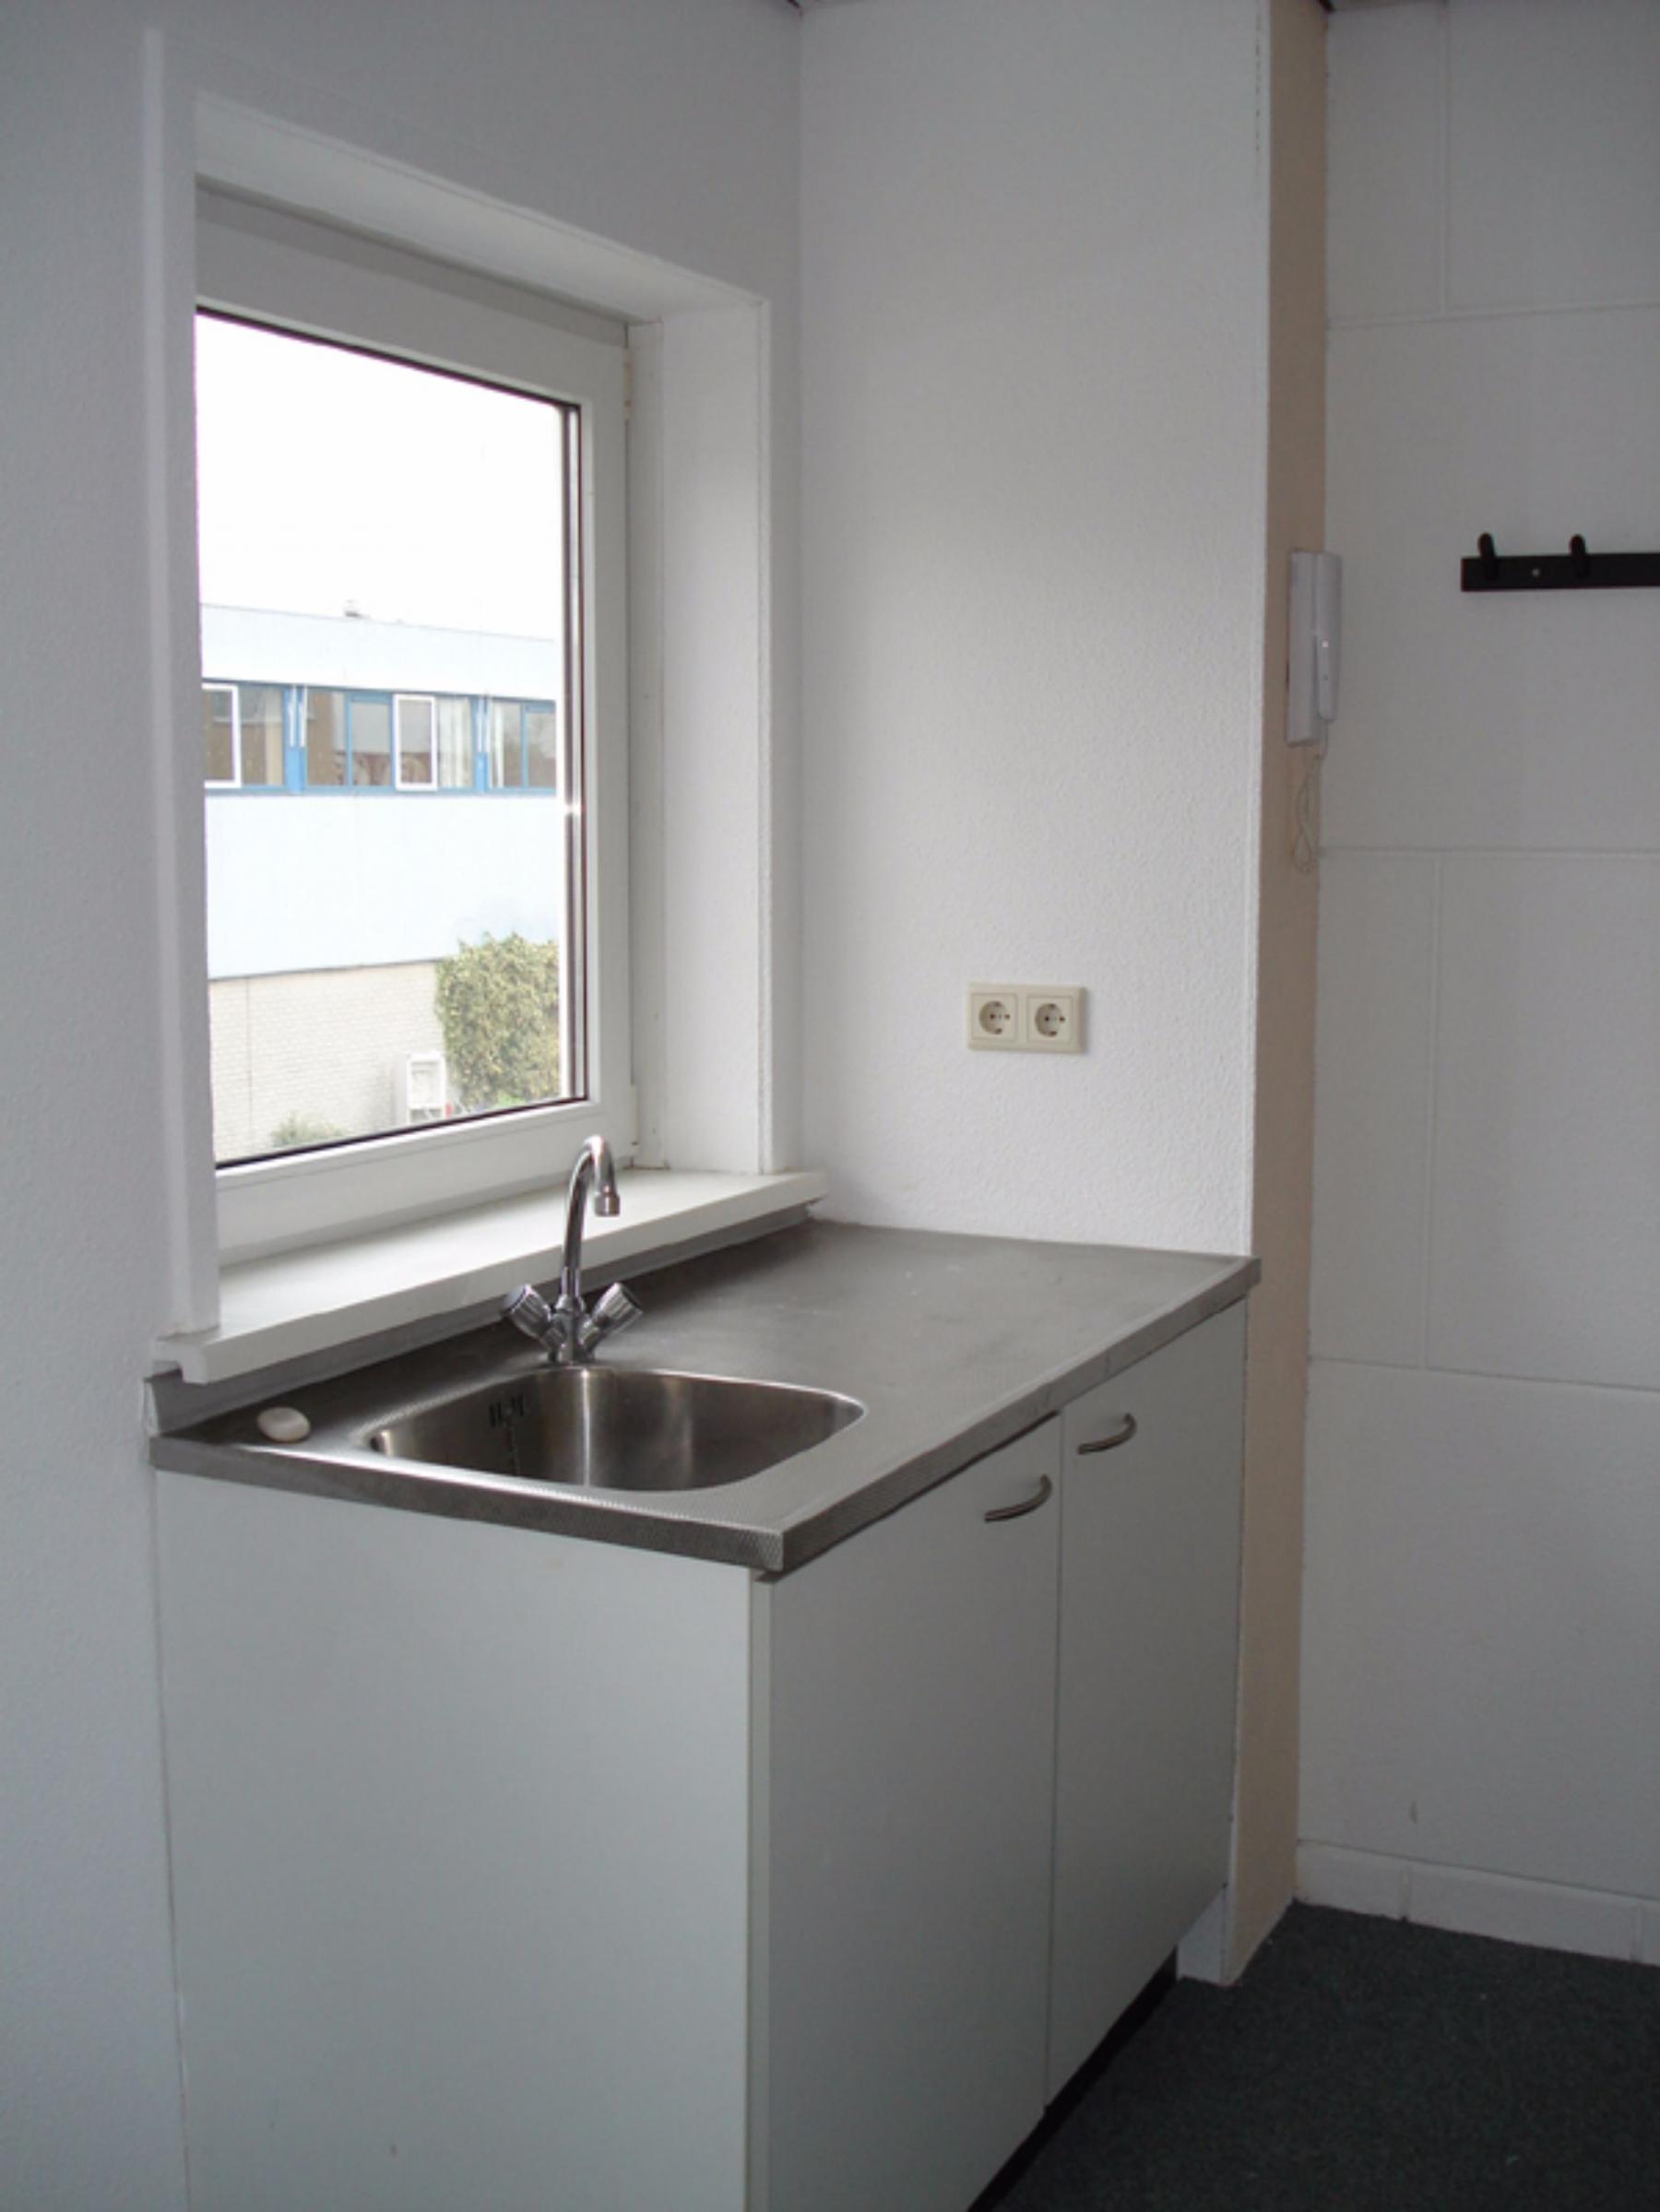 Small pantry in office building Alkmaar